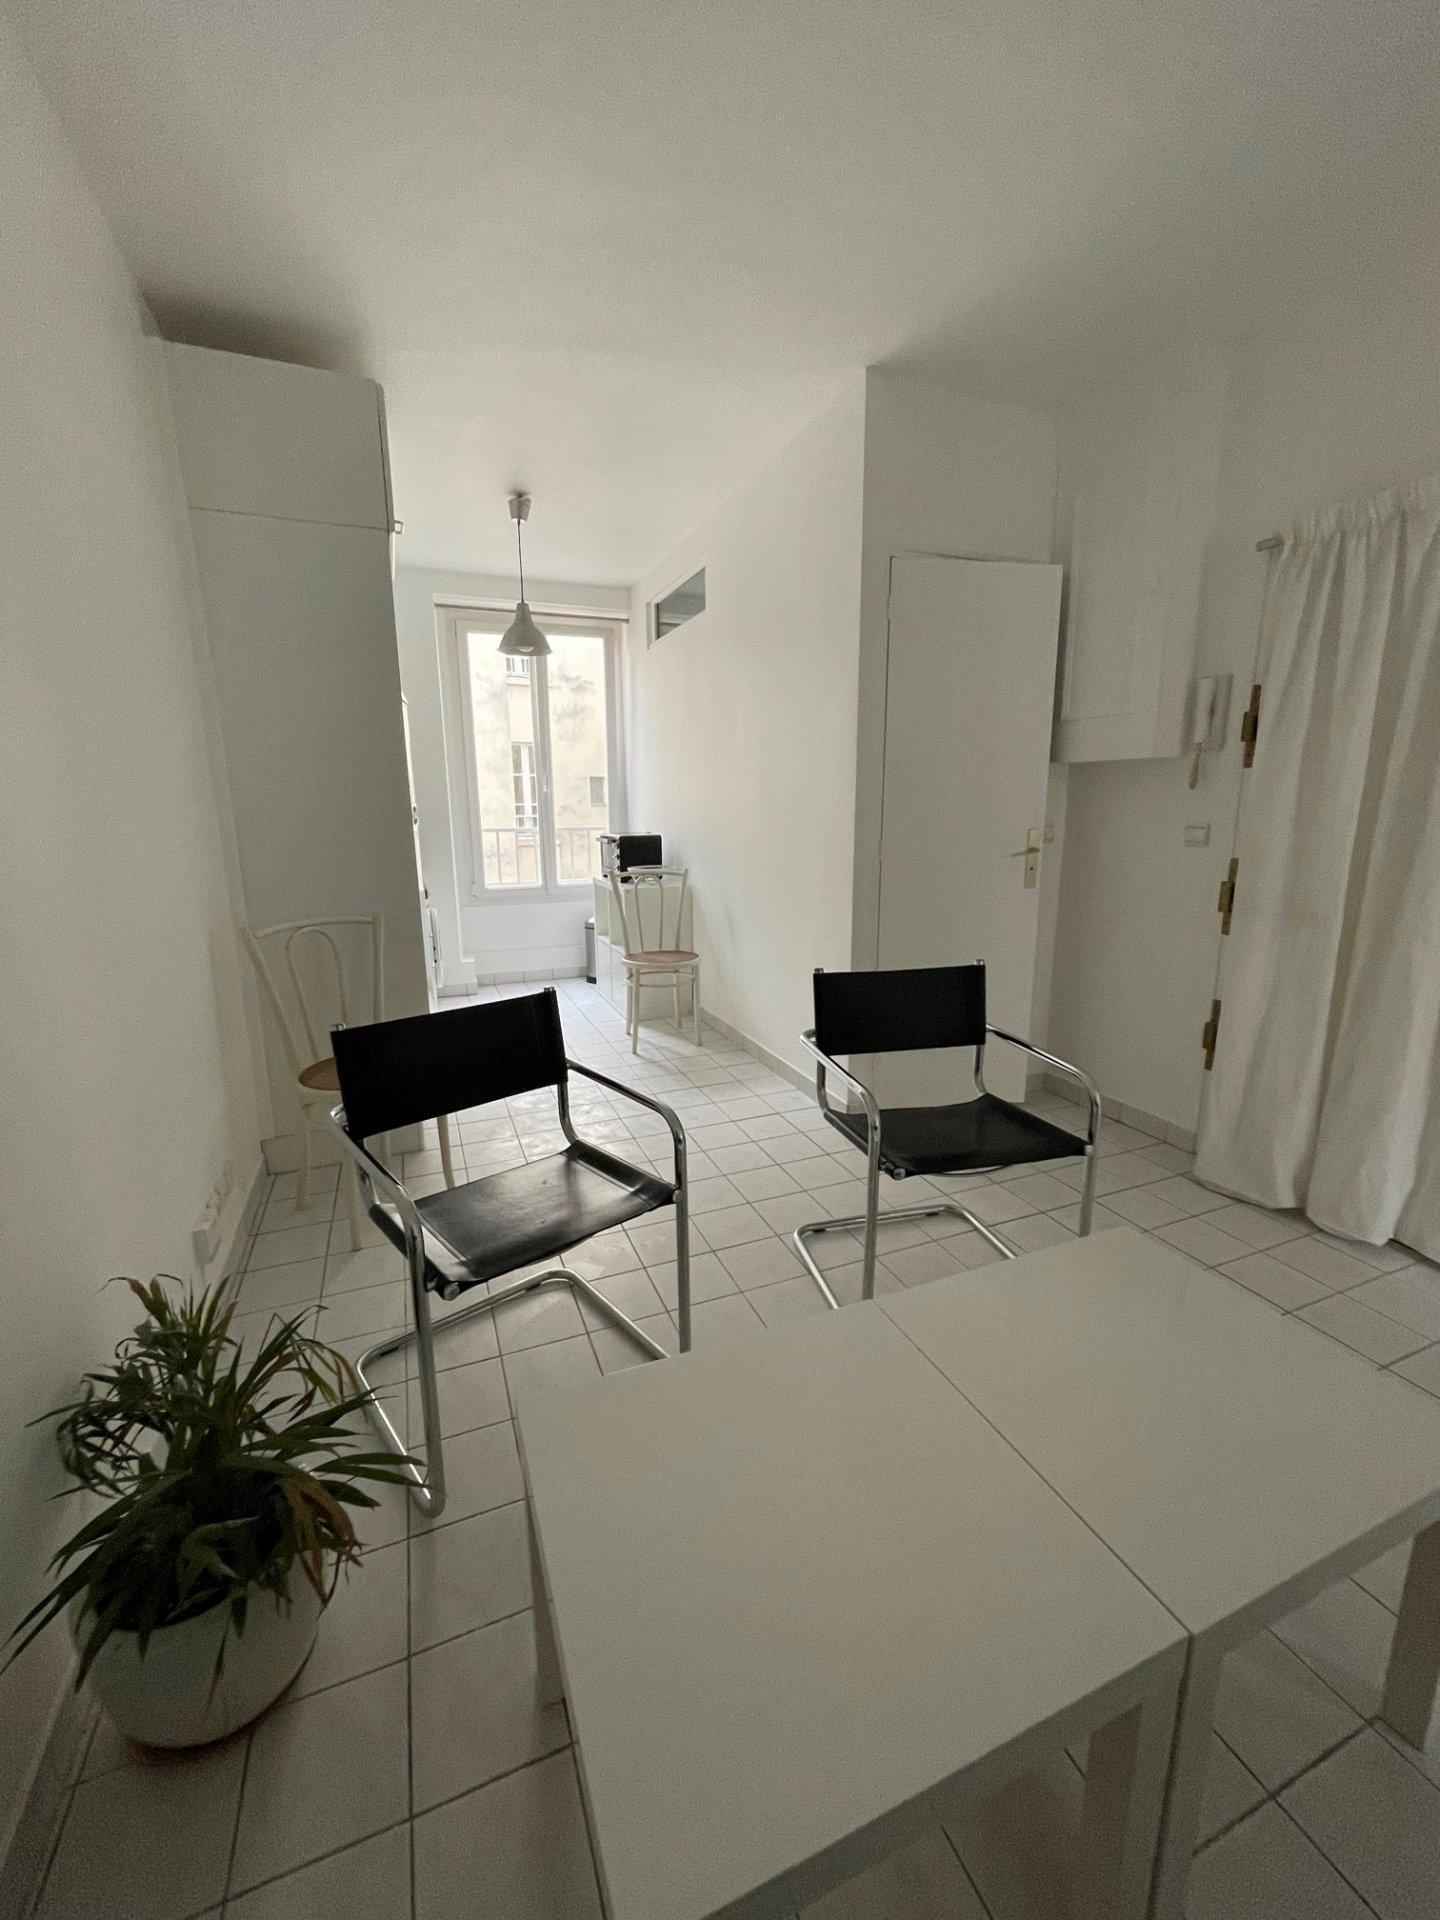 Rental Apartment - Paris 16th (Paris 16ème)